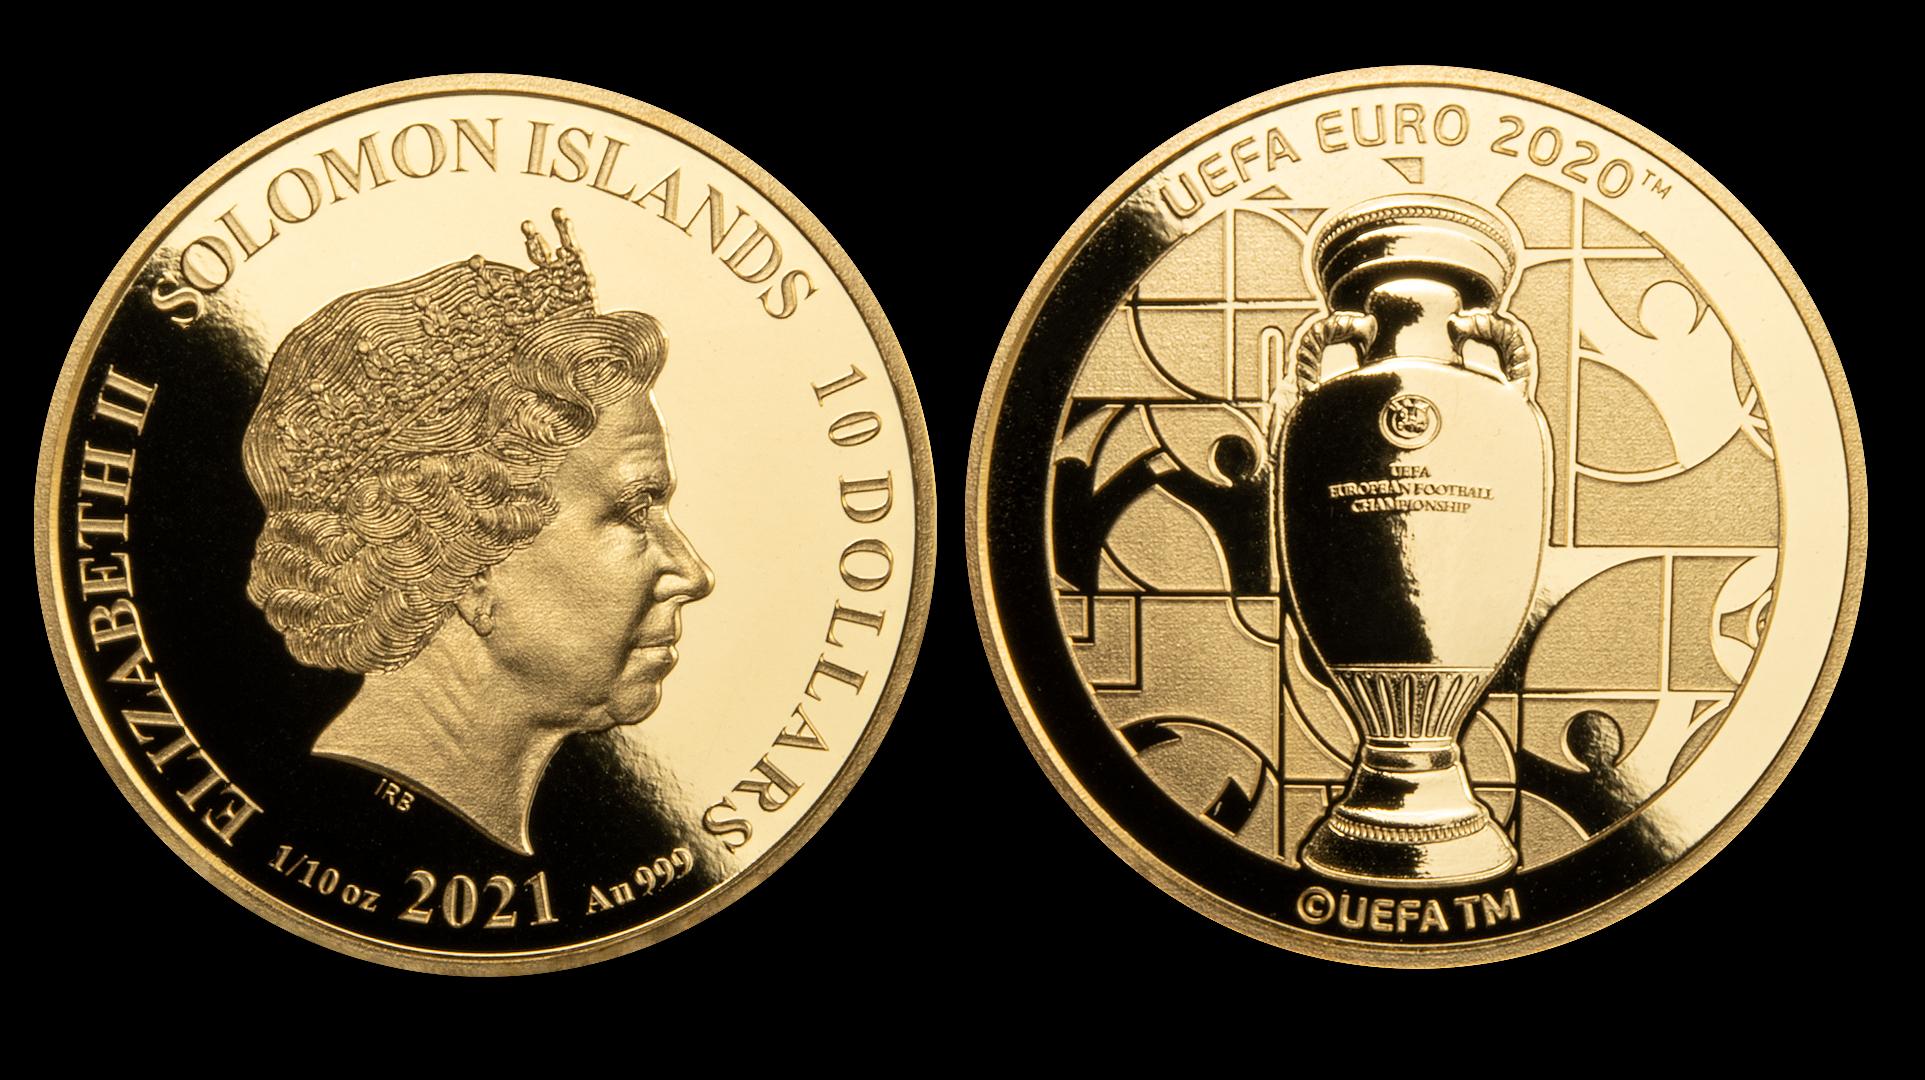 oficjalna moneta EURO 2020 czyste złoto